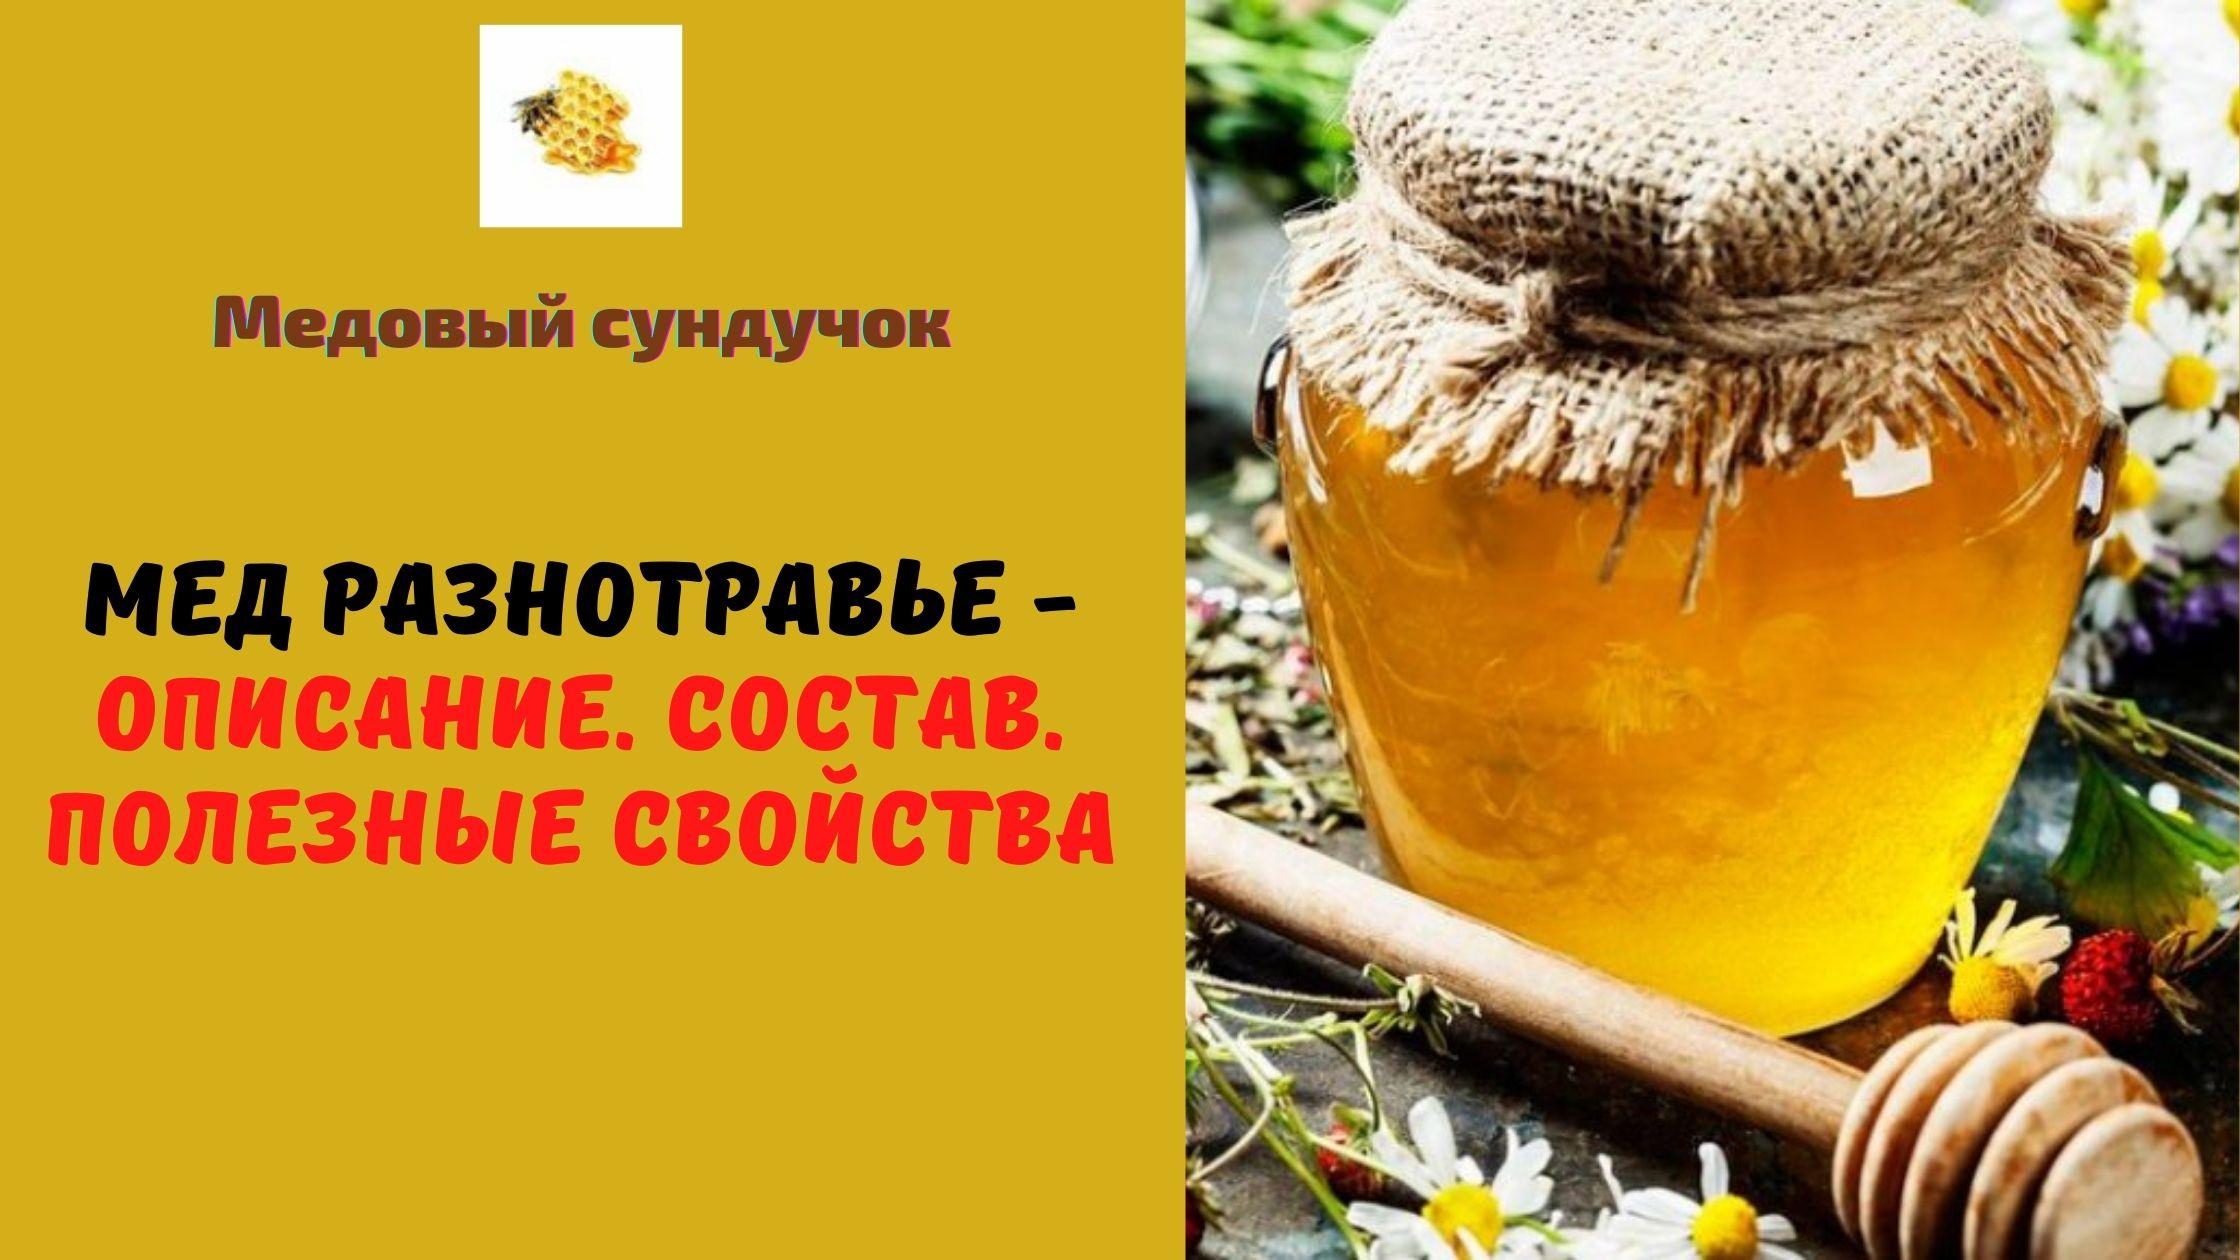 Мед разнотравье - Описание. Состав. Полезные свойства